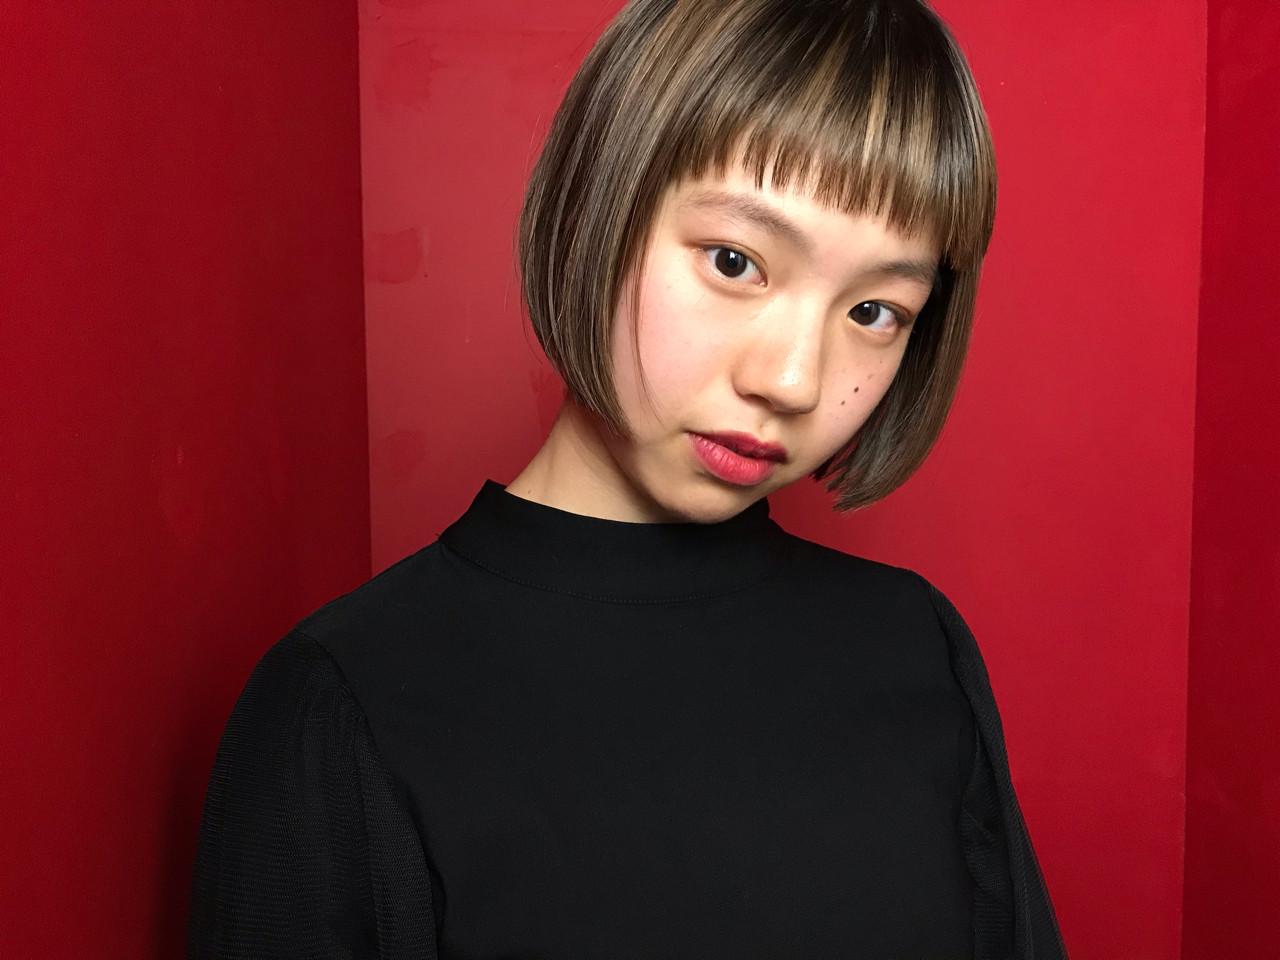 モード ローライト ボブ グラデーションカラー ヘアスタイルや髪型の写真・画像